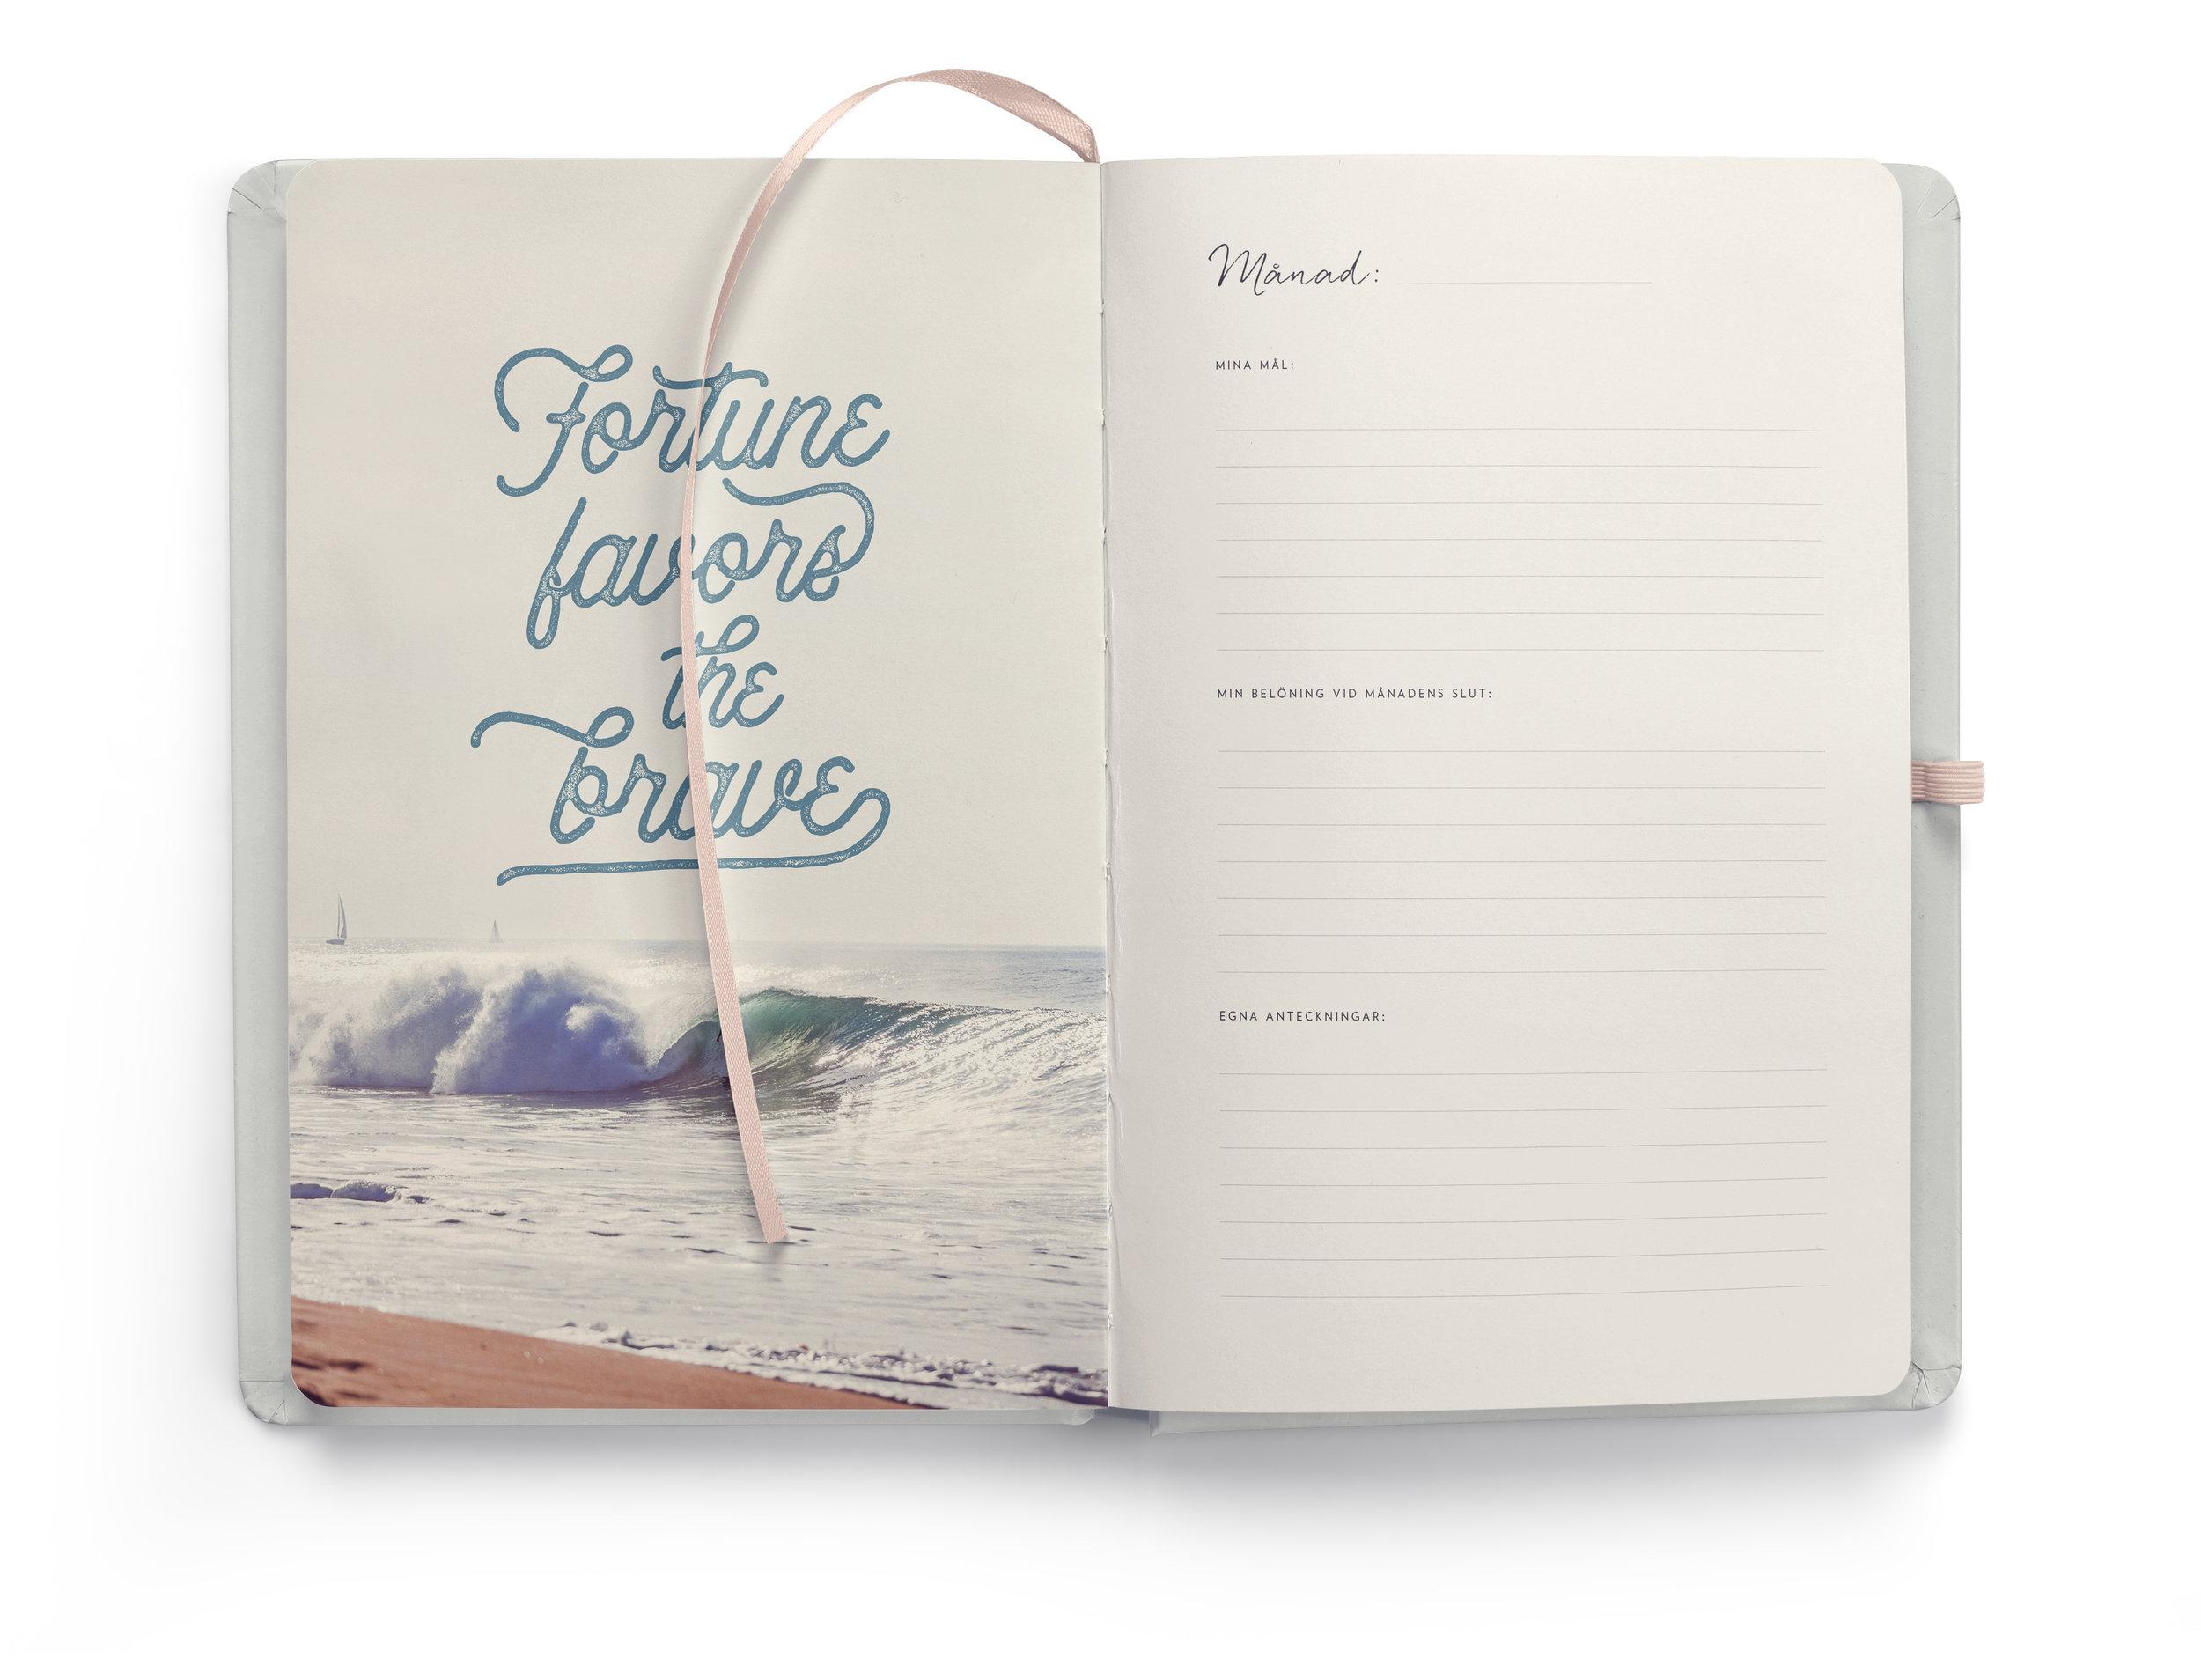 Varje månad börjar med en sida där du kan skriva ner några övergripande mål du skulle vilja nå innan månaden är slut. Här får du även i uppdrag att tänka ut en belöning du ska ge dig själv i slutet av månaden. Det behöver inte vara något stort, bara det är en morot för att komma närmare dina mål. Belöningen är en viktig rituell bekräftelse på vad du har åstadkommit under månaden.